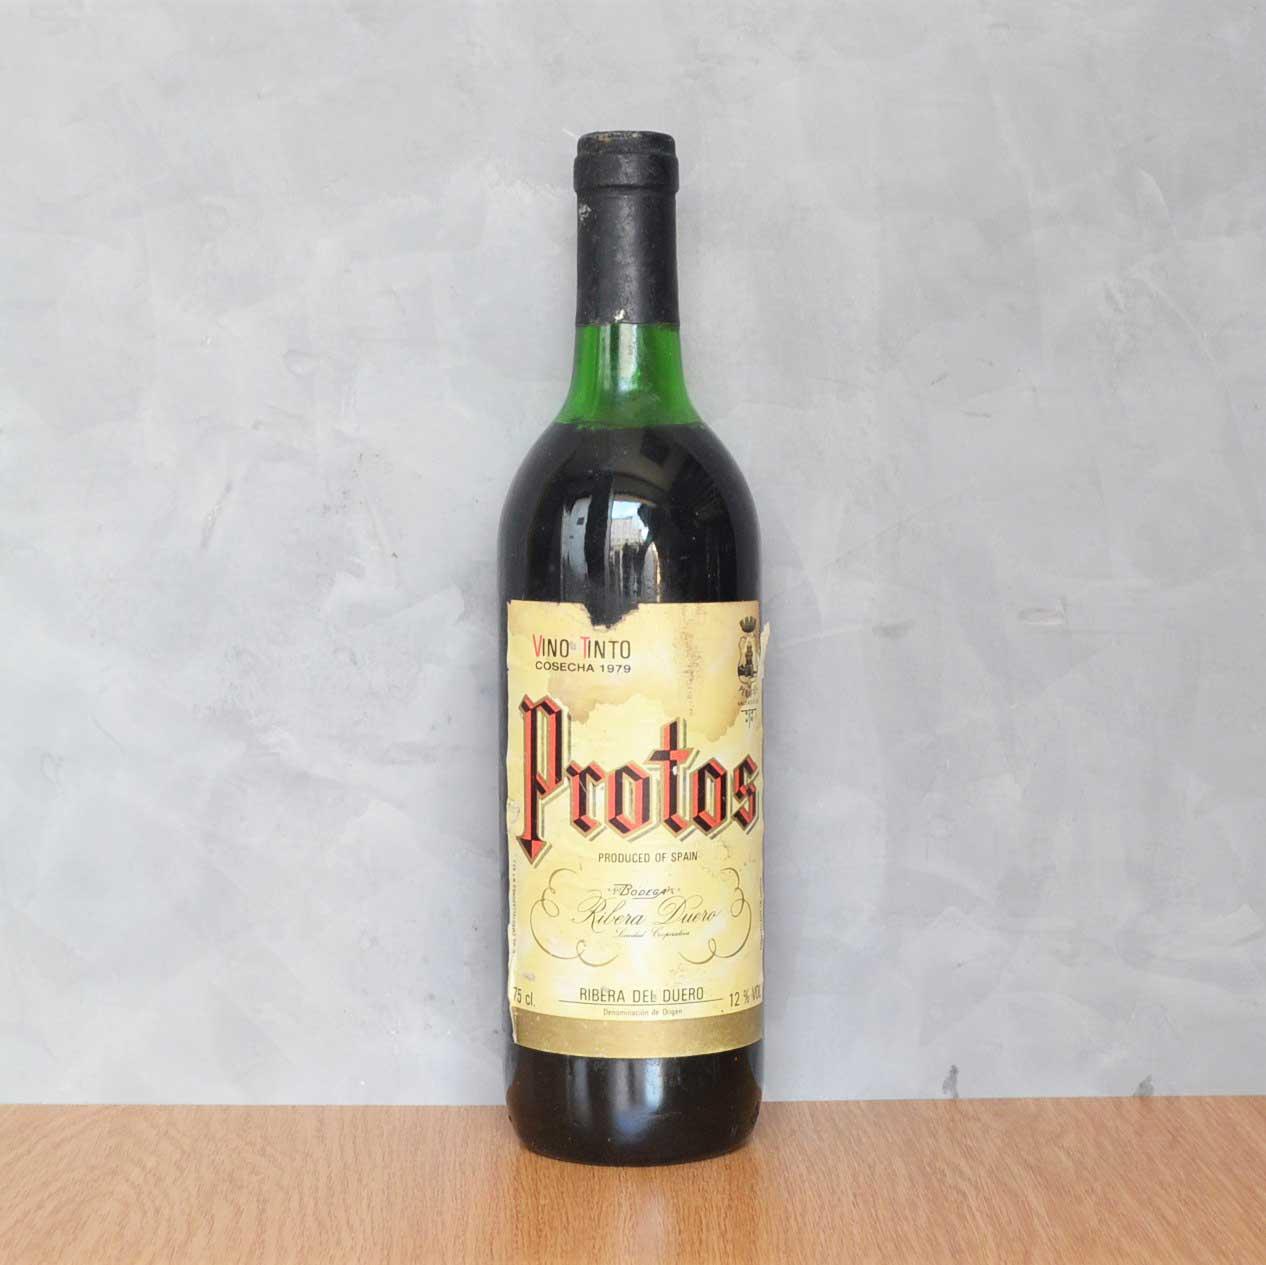 Protos 1979